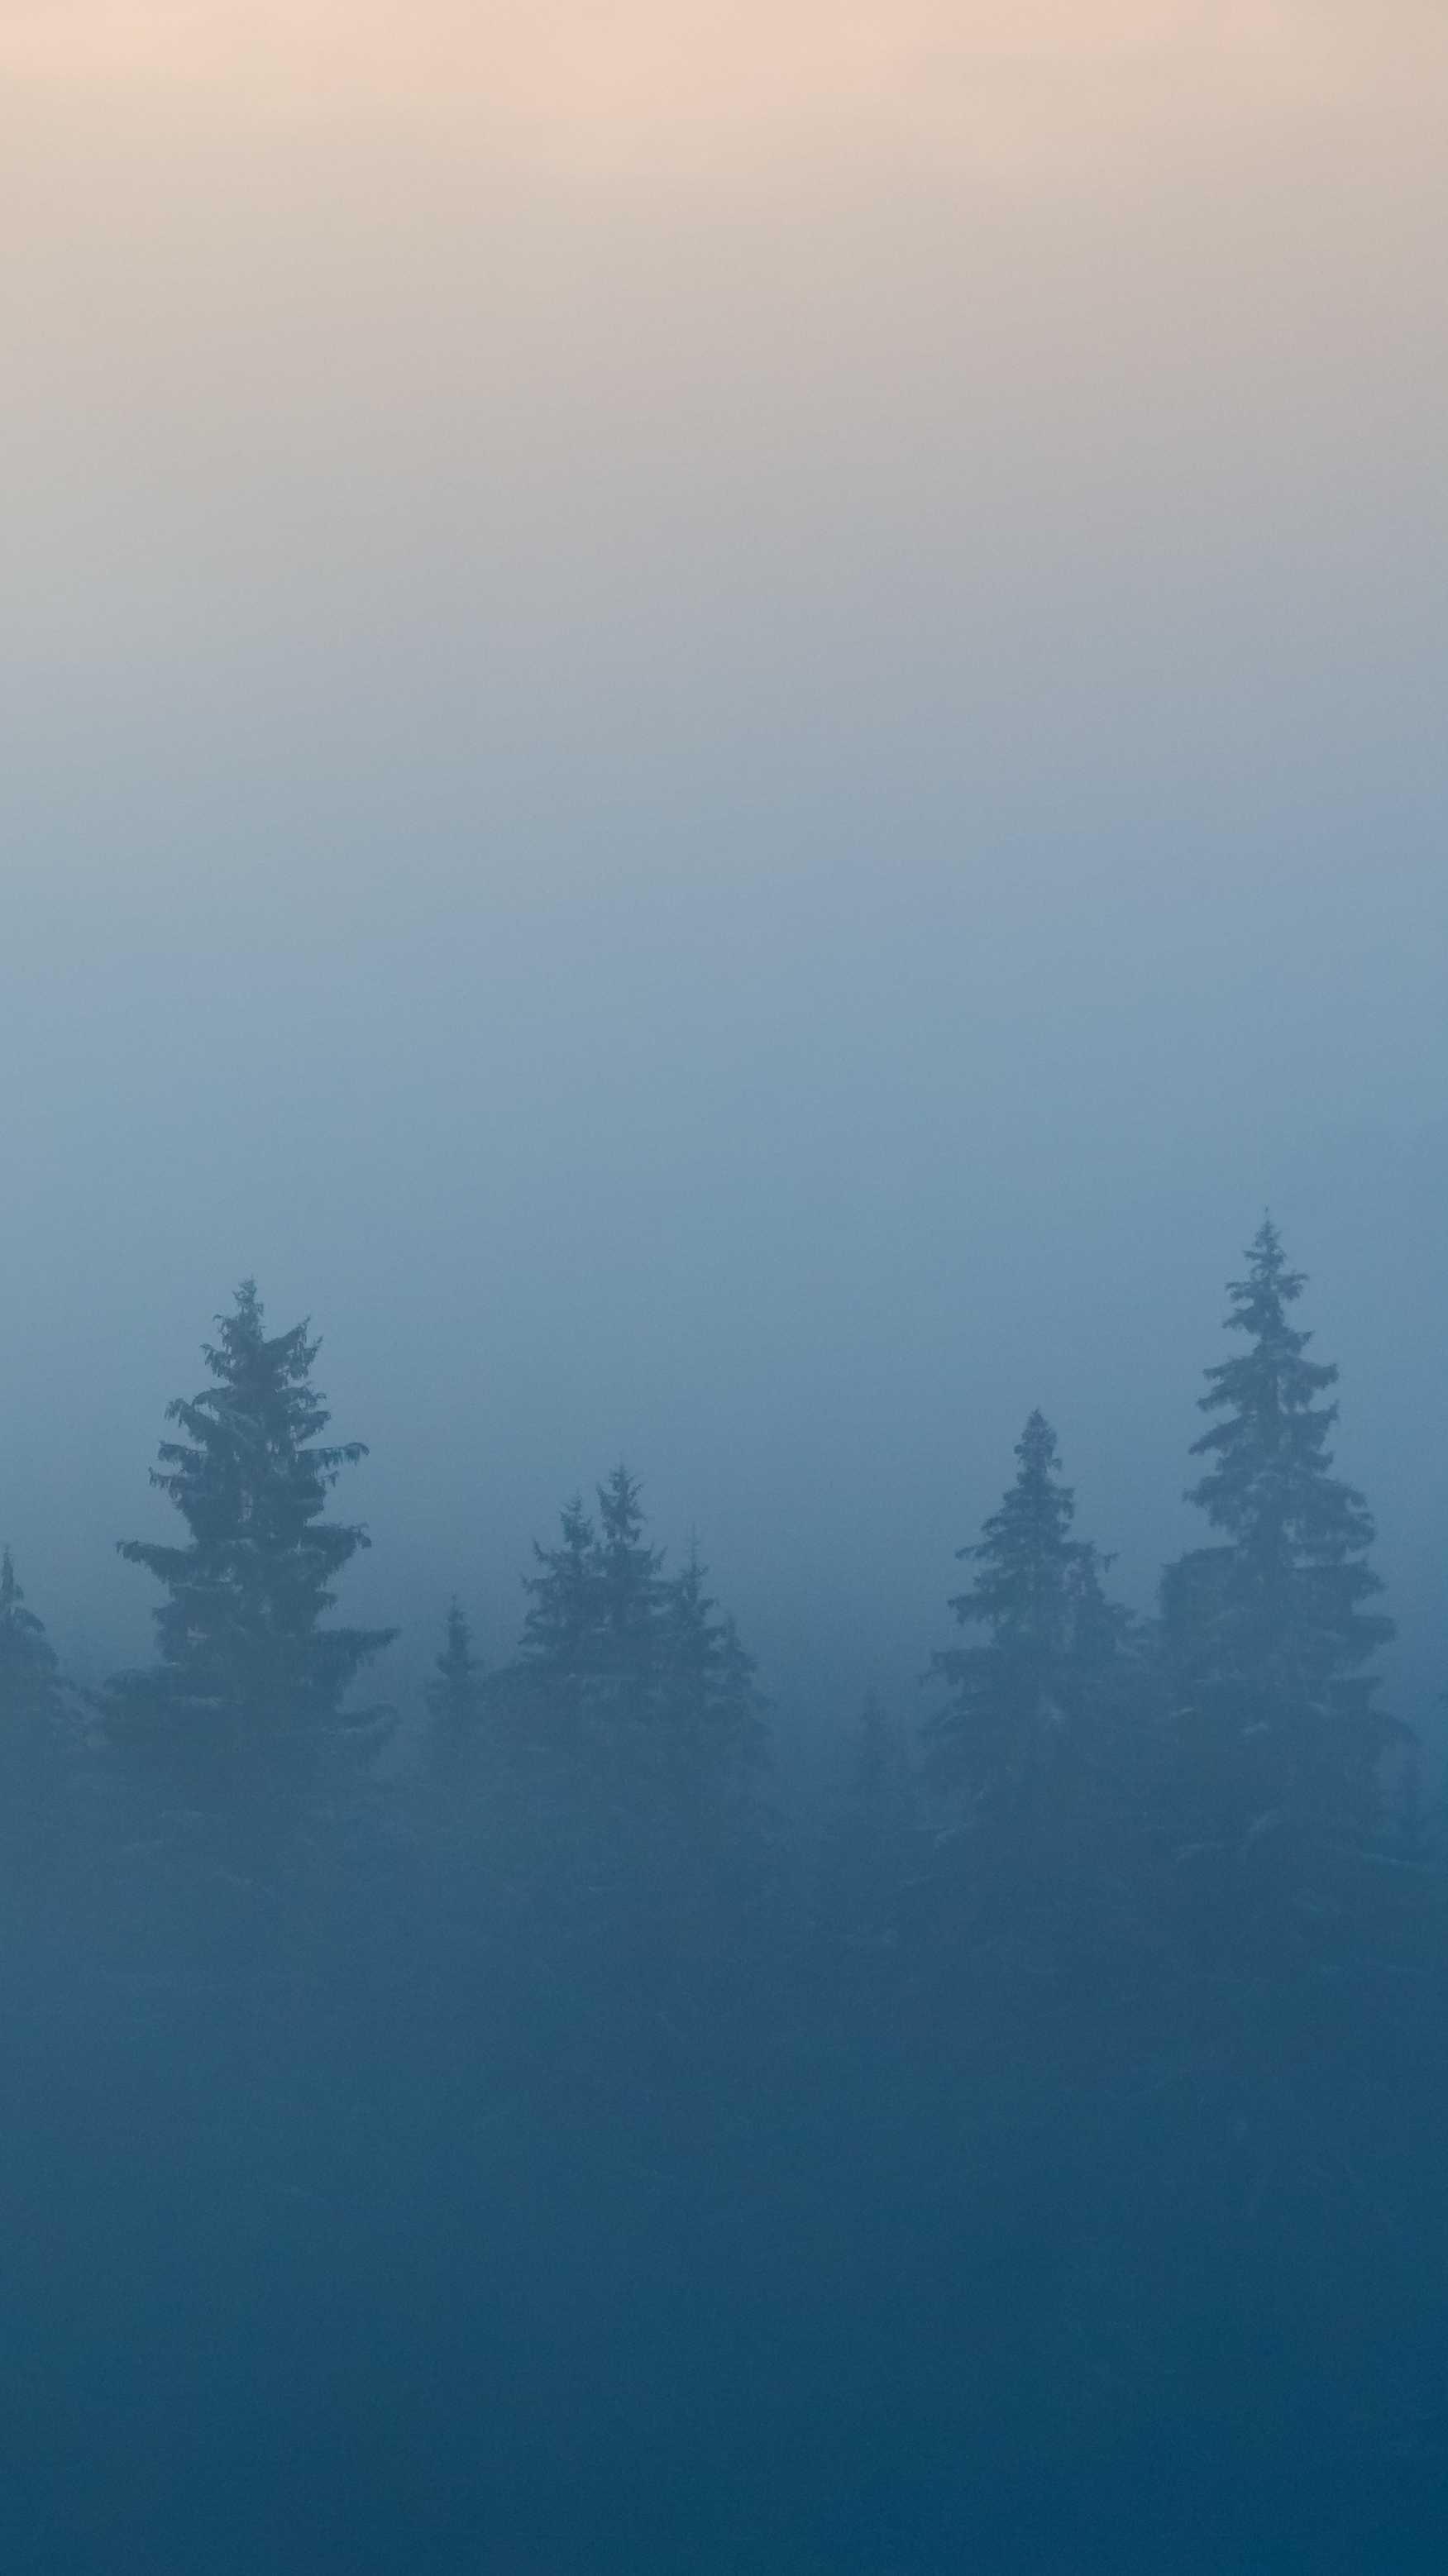 Minimal Mist Nature Trees iPhone Wallpaper